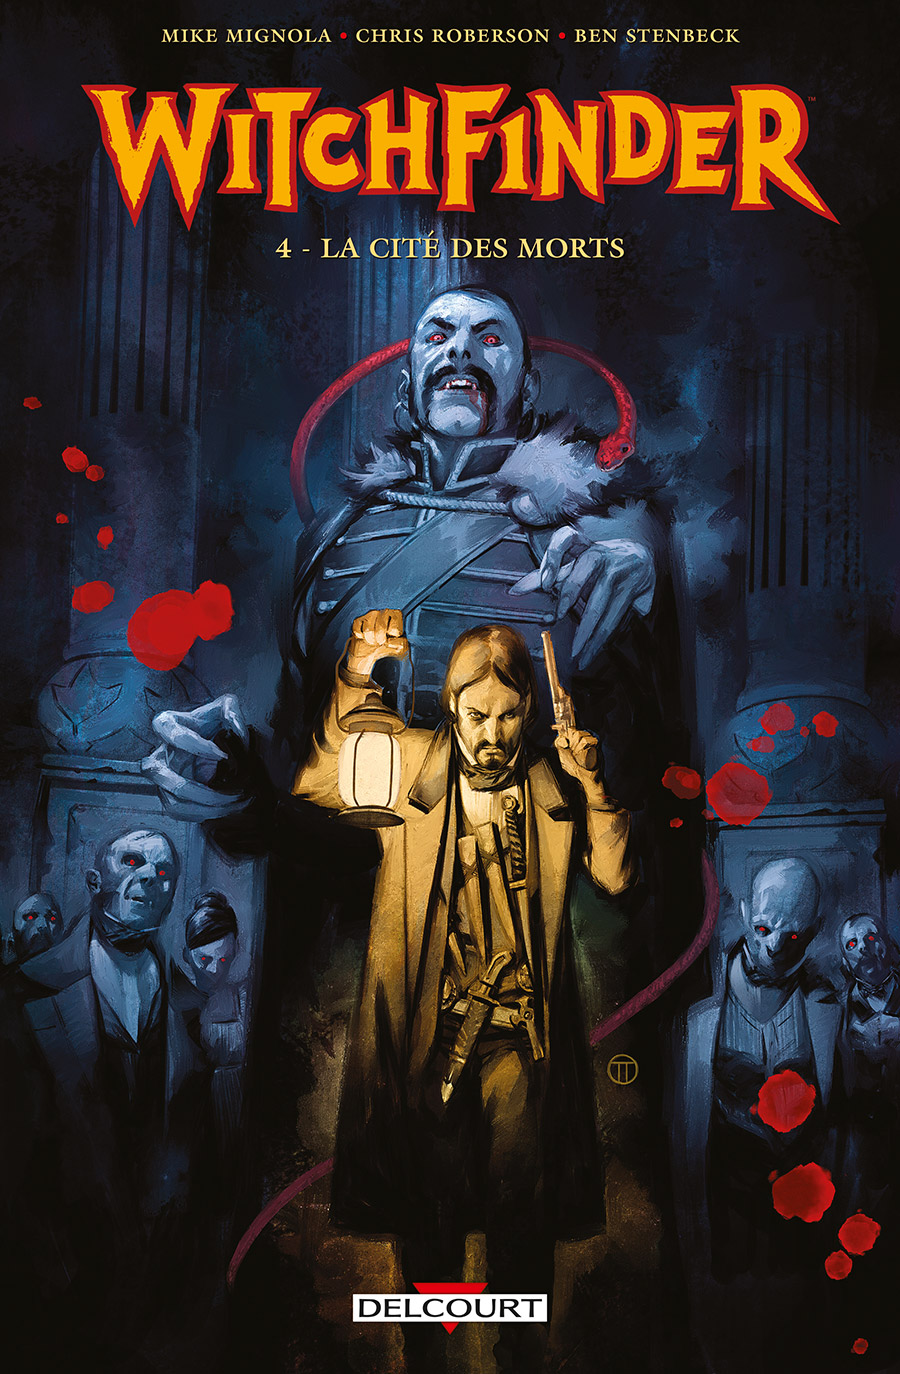 Witchfinder 4 - La cité des morts